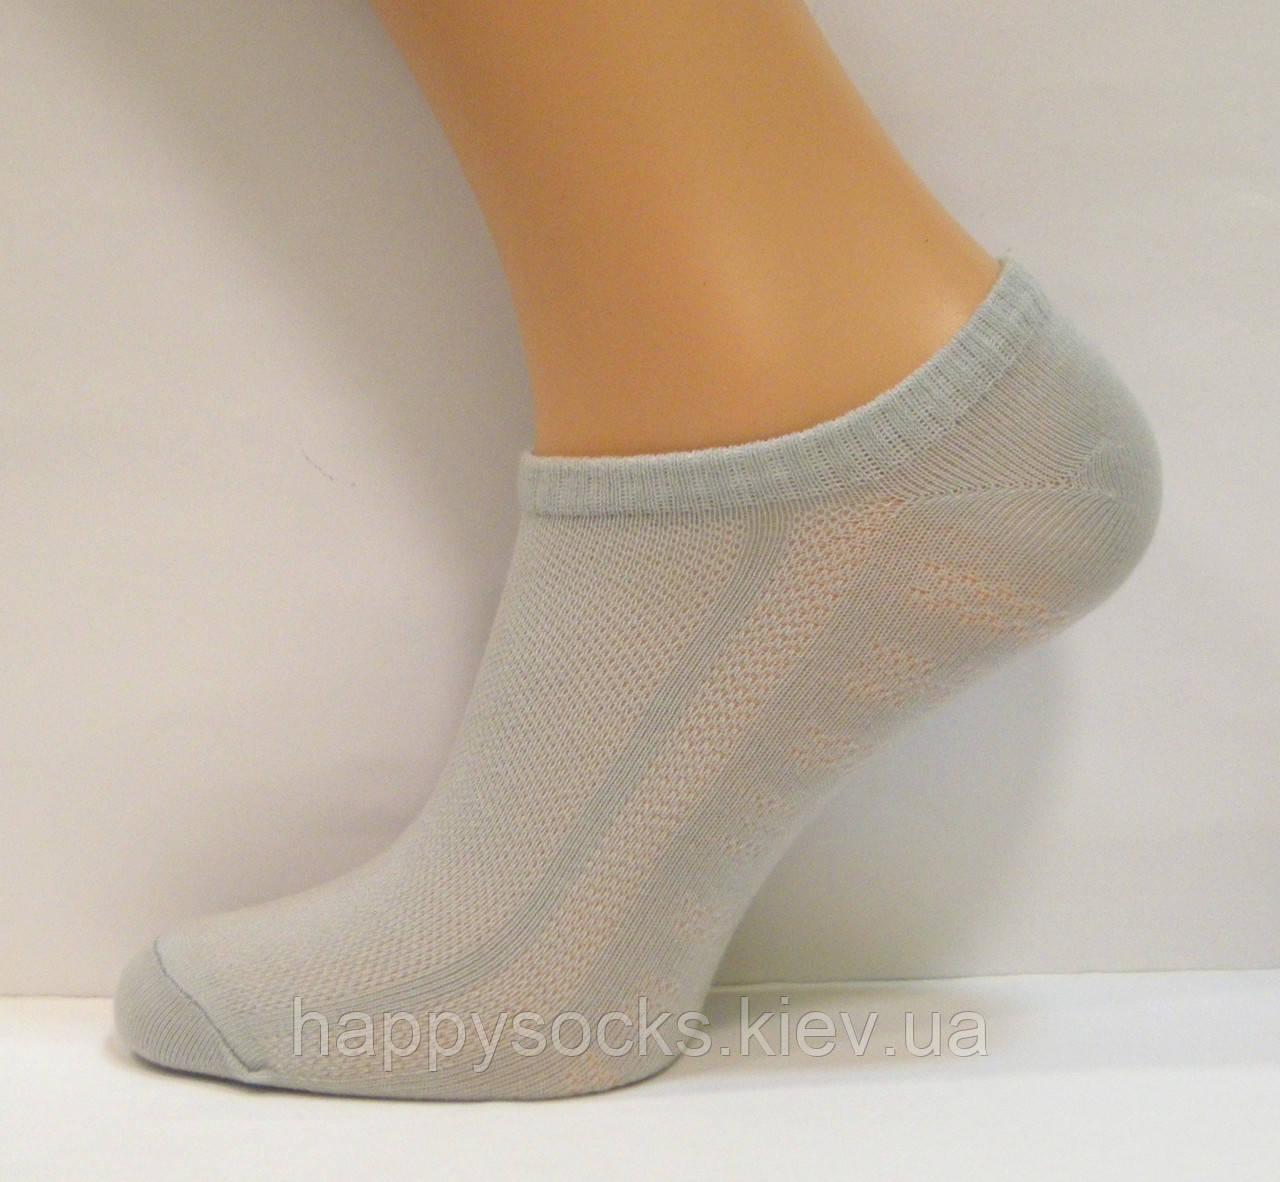 Носки в сетку женские серого цвета низкие